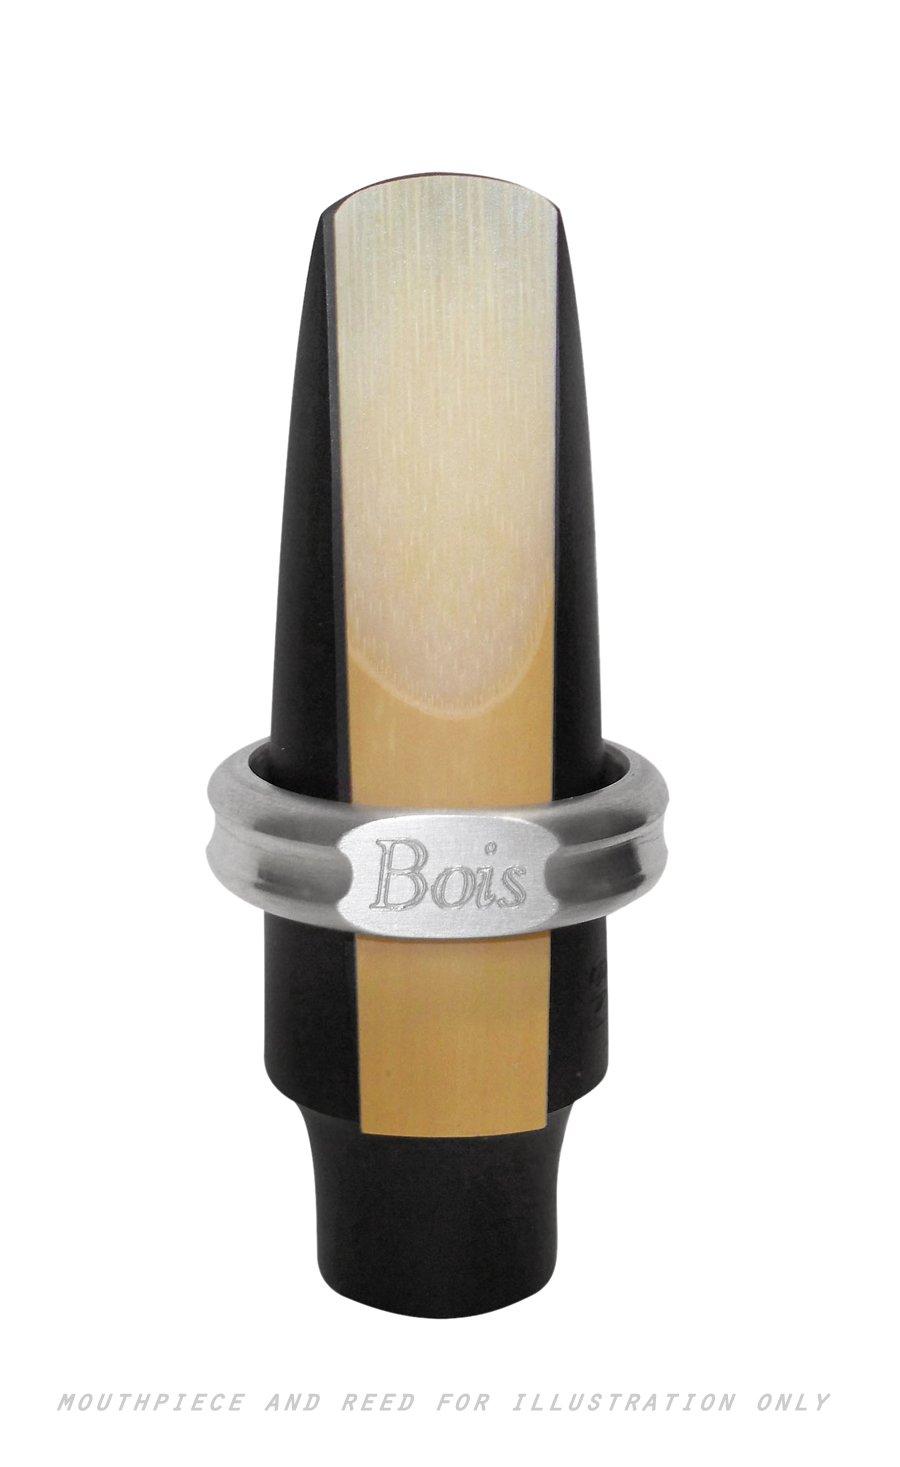 Bois BLTS-EX Tenor Sax Ligature, Excellent by Bois 1920 (Image #3)